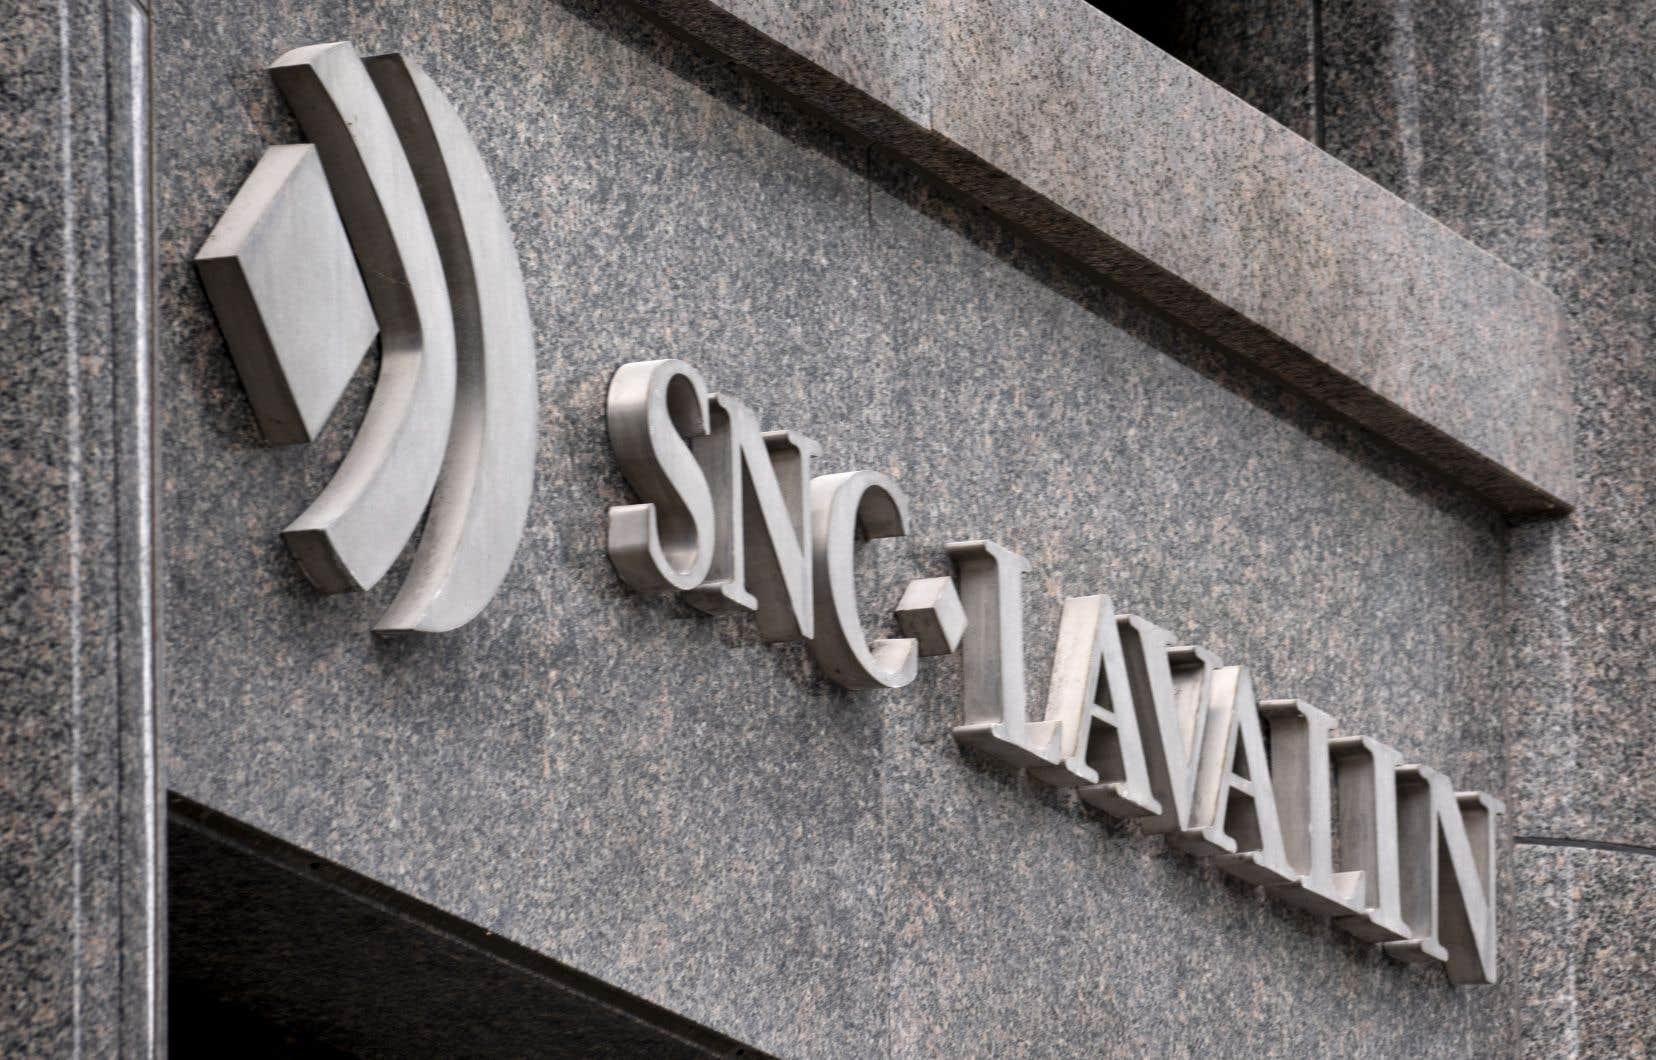 En décembre, SNC-Lavalin a écopé d'une amende de 280millions de dollars après avoir plaidé coupable à une accusation de fraude pour des gestes commis en Libye entre 2001 et 2011.